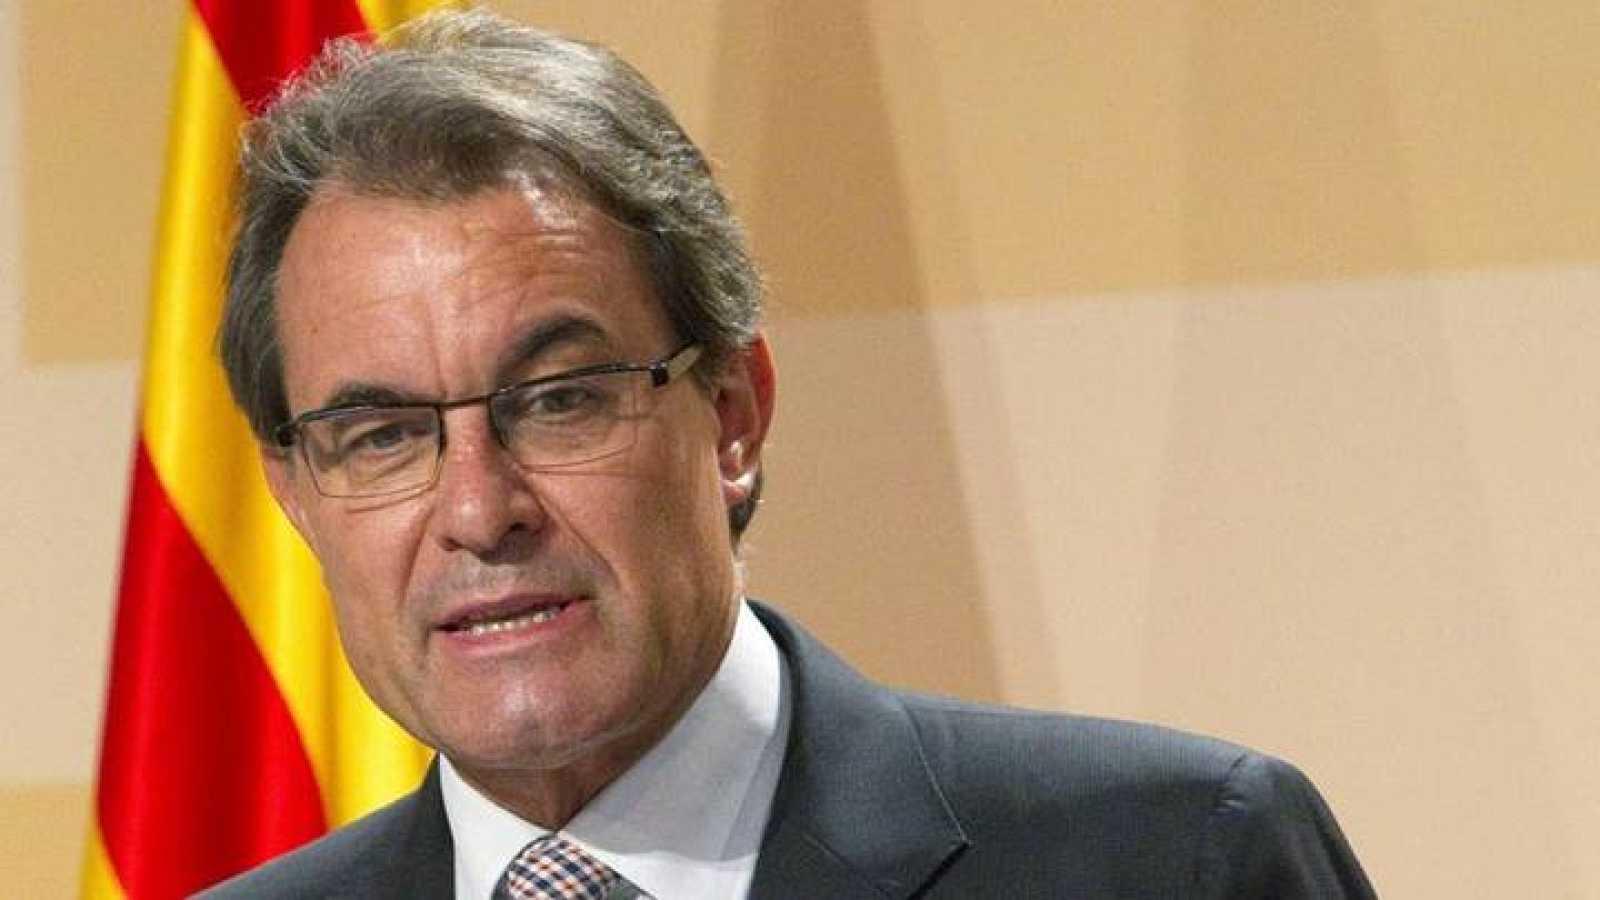 El presidente de la Generalitat, Artur Mas, en una imagen de archivo.